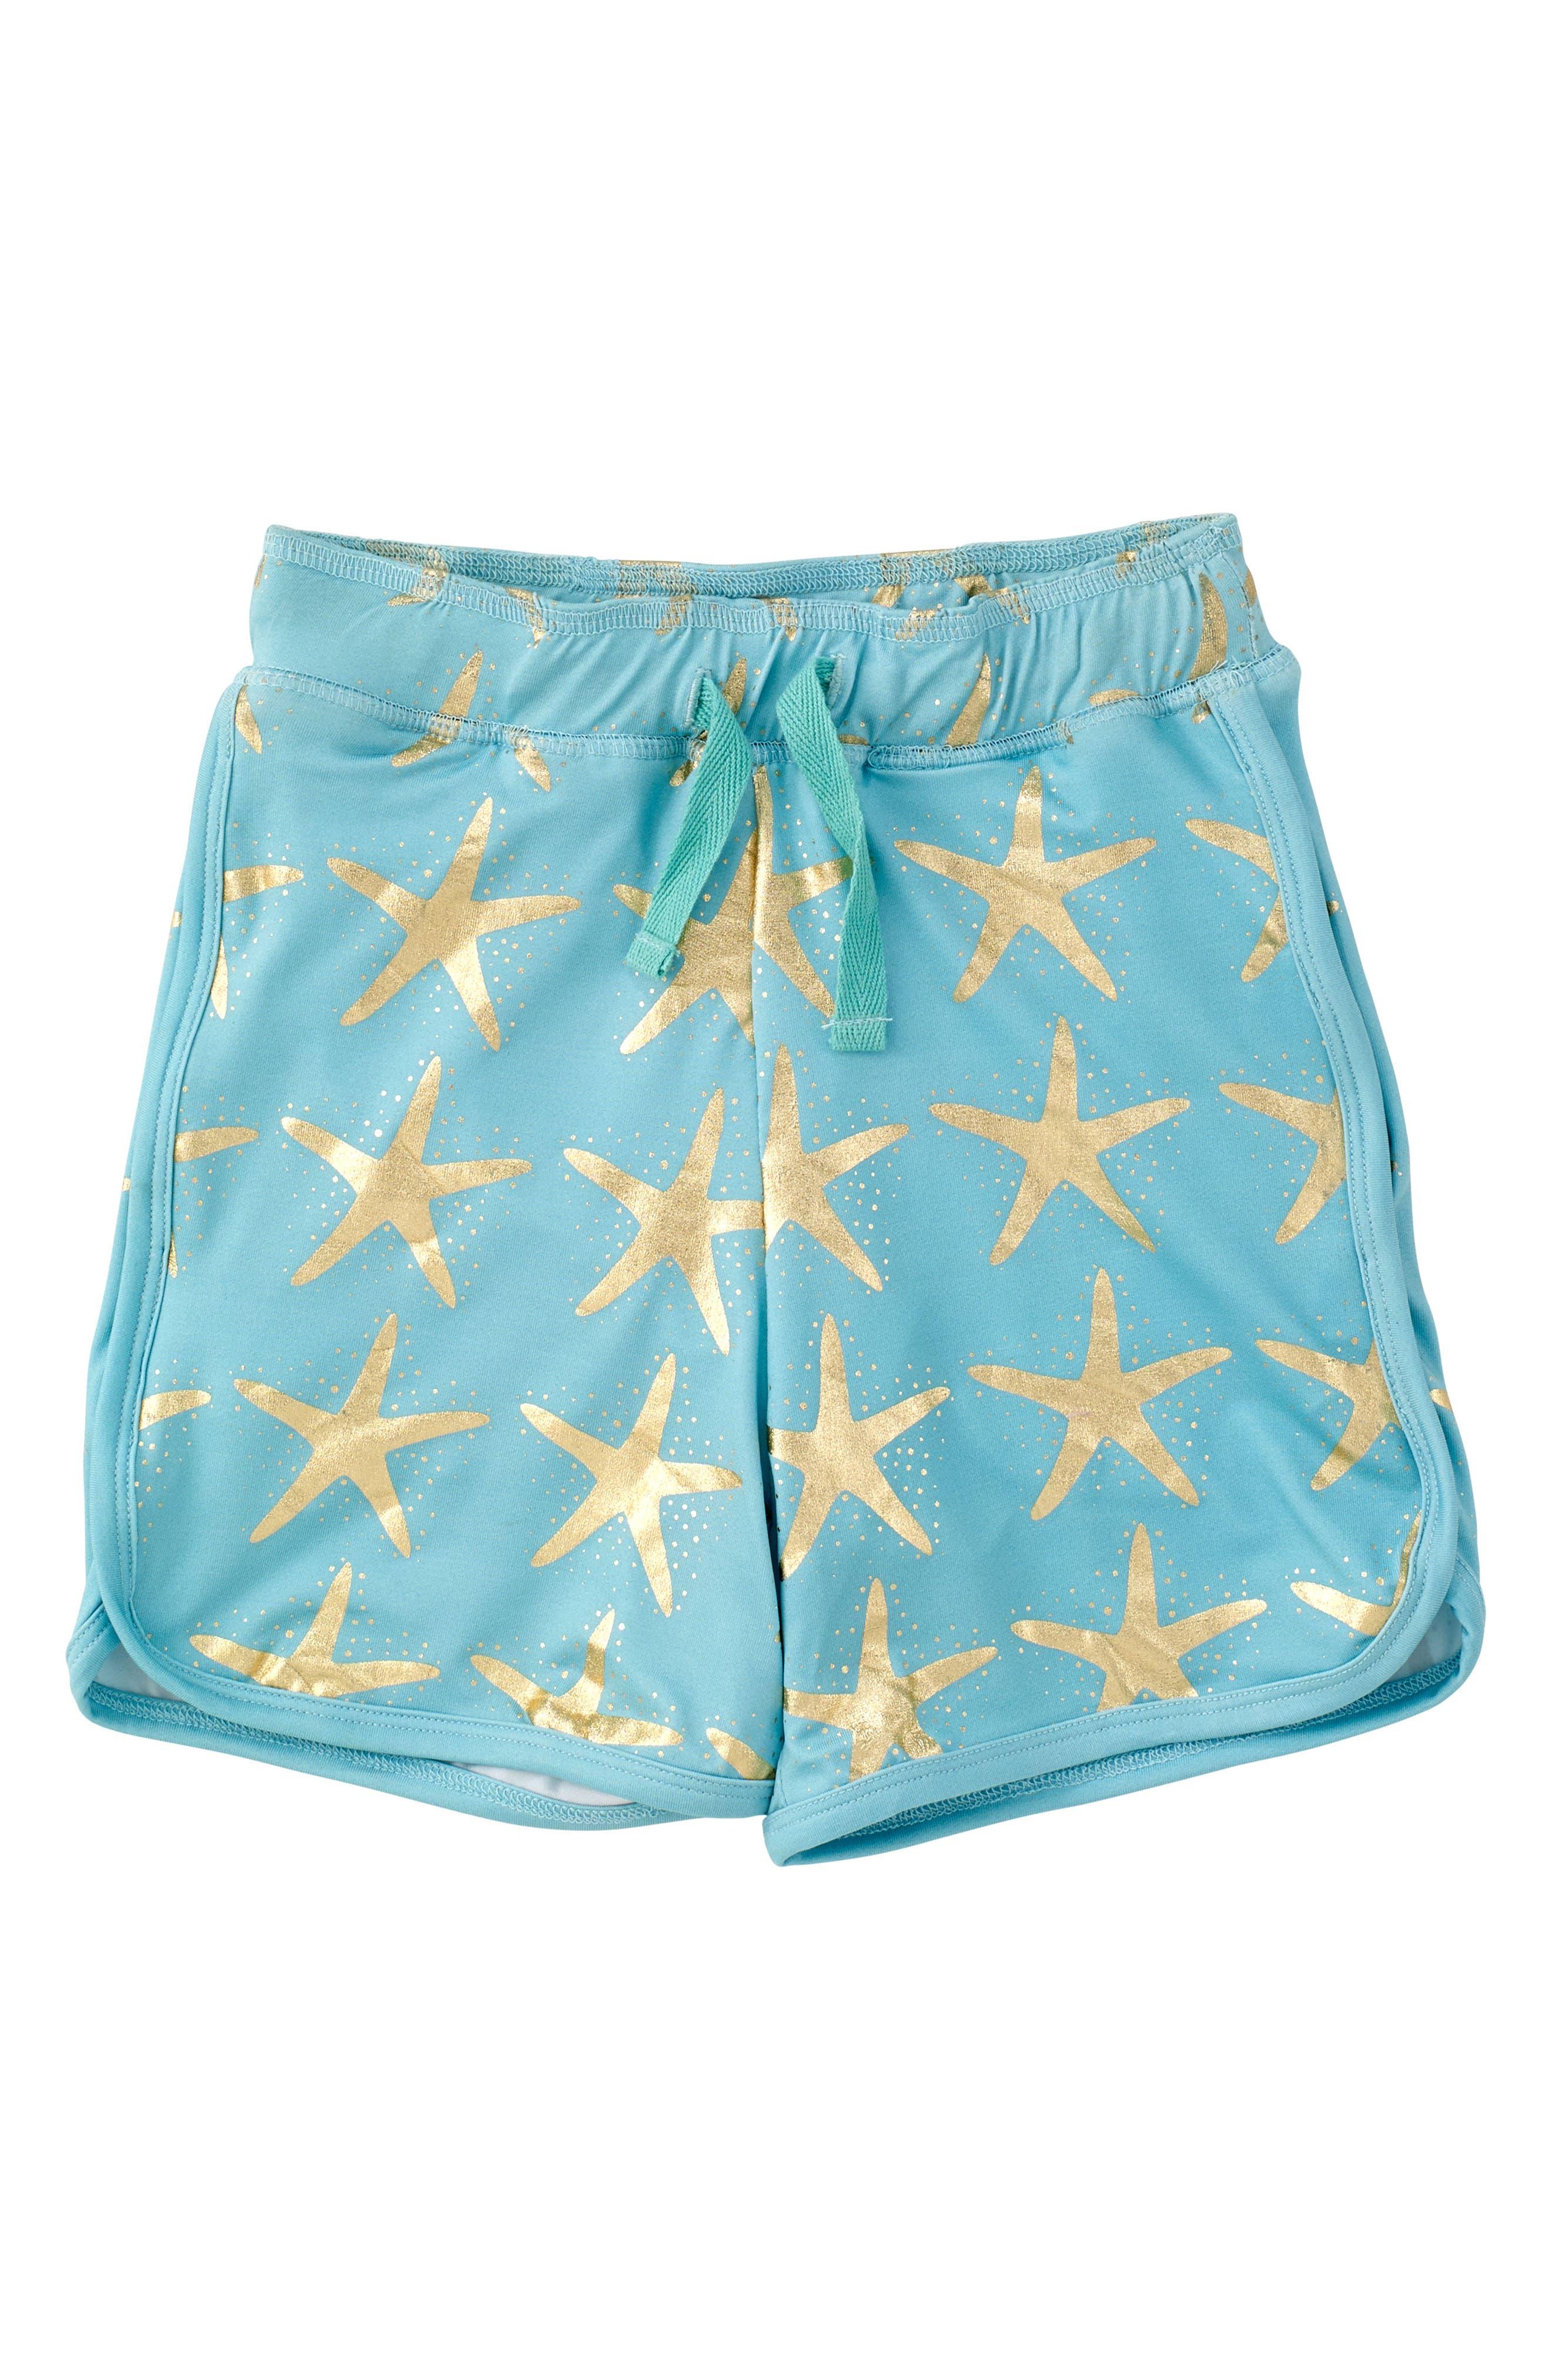 Starfish Swim Trunks,                             Main thumbnail 1, color,                             Turquoise